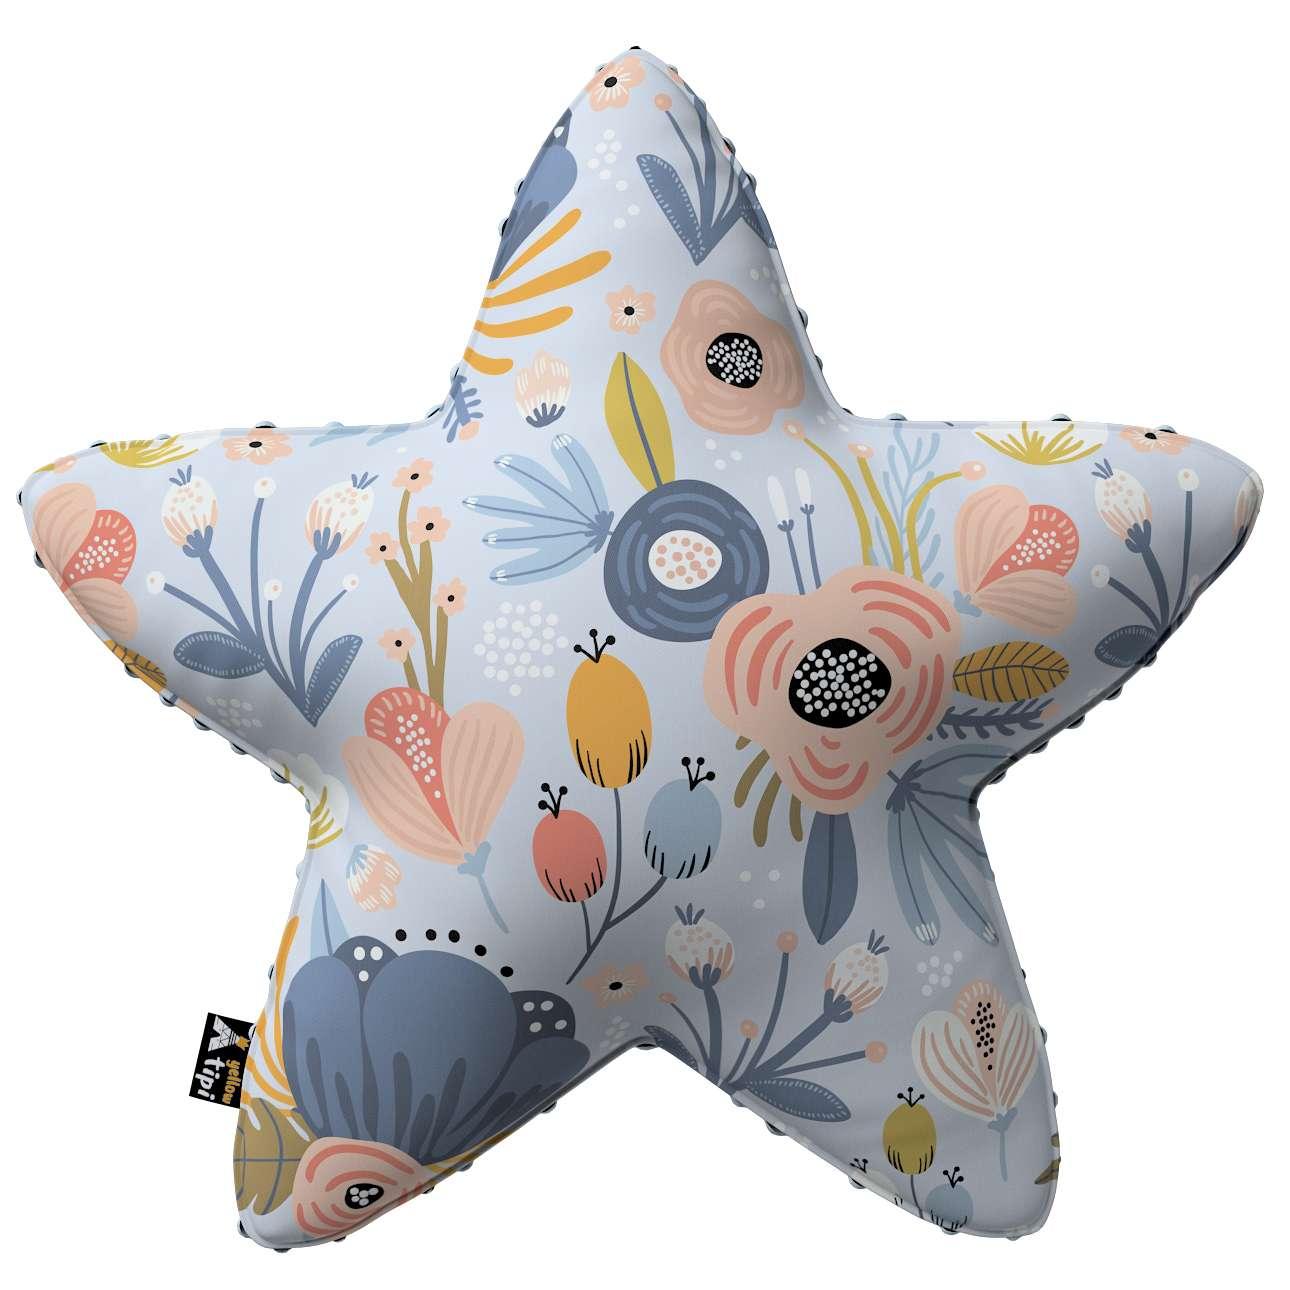 Kissen Lucky Star aus Minky von der Kollektion Magic Collection, Stoff: 500-05